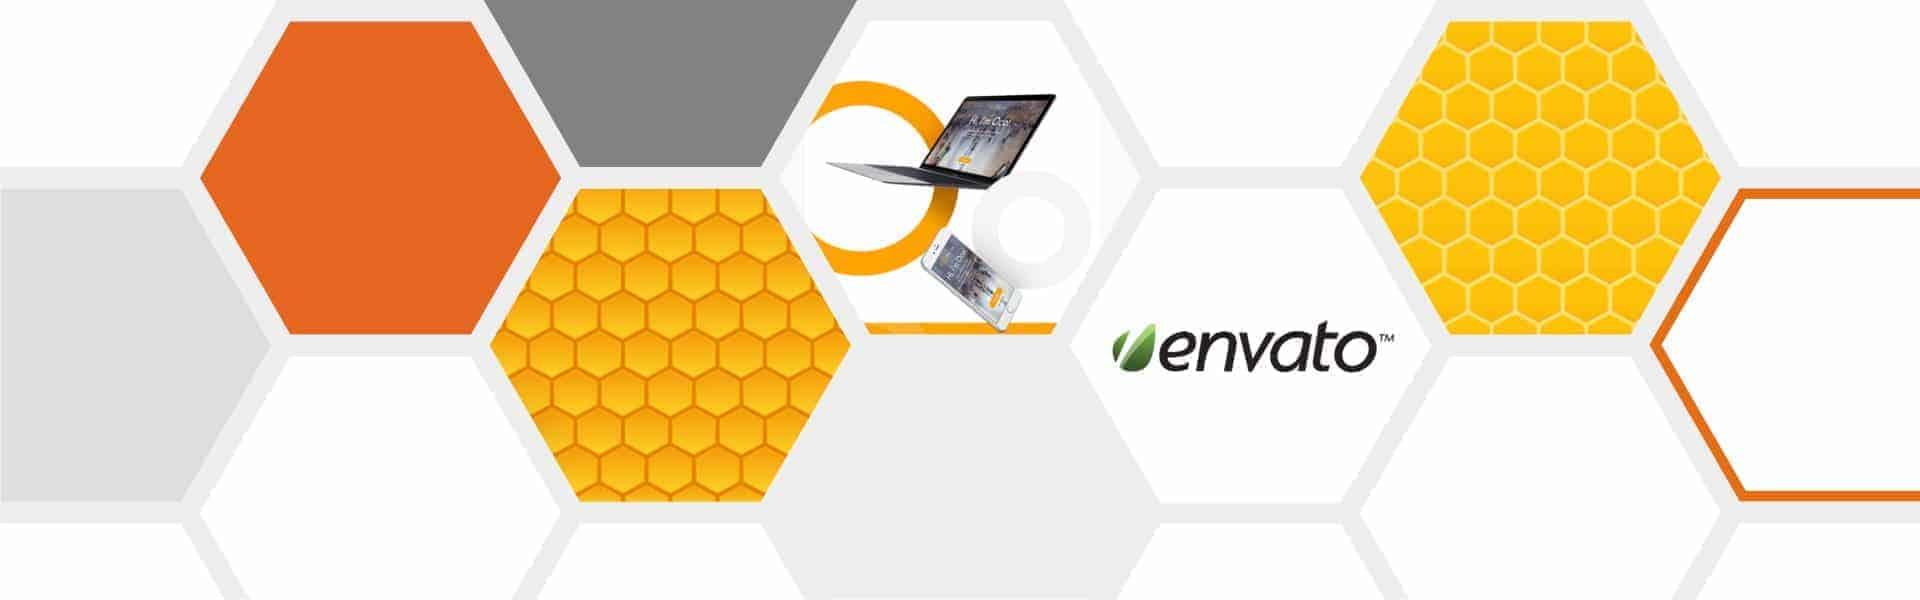 strony www reklama internetowa strona